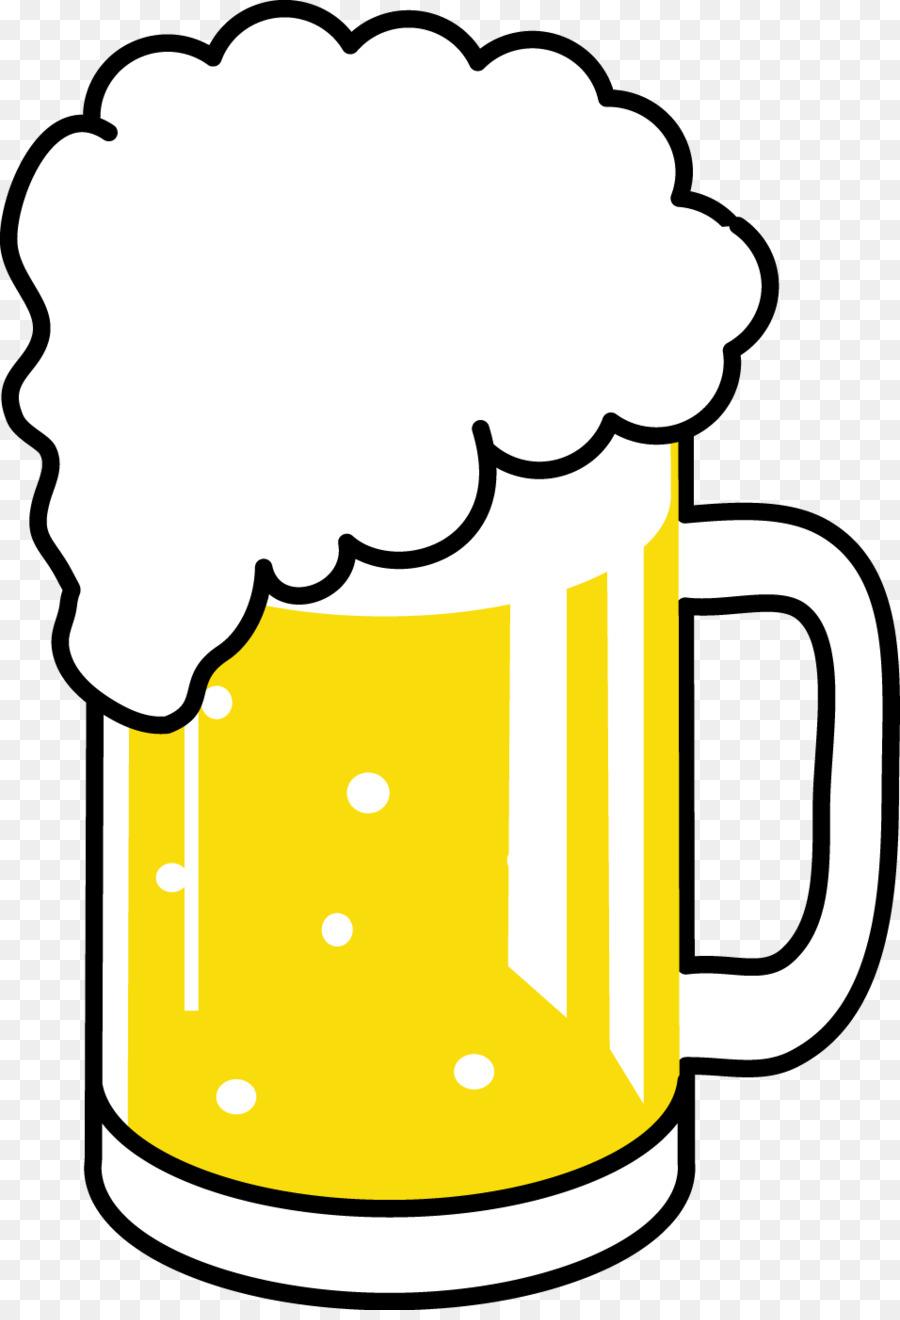 Sie aus Tokio, die Bier Trinken clipart.